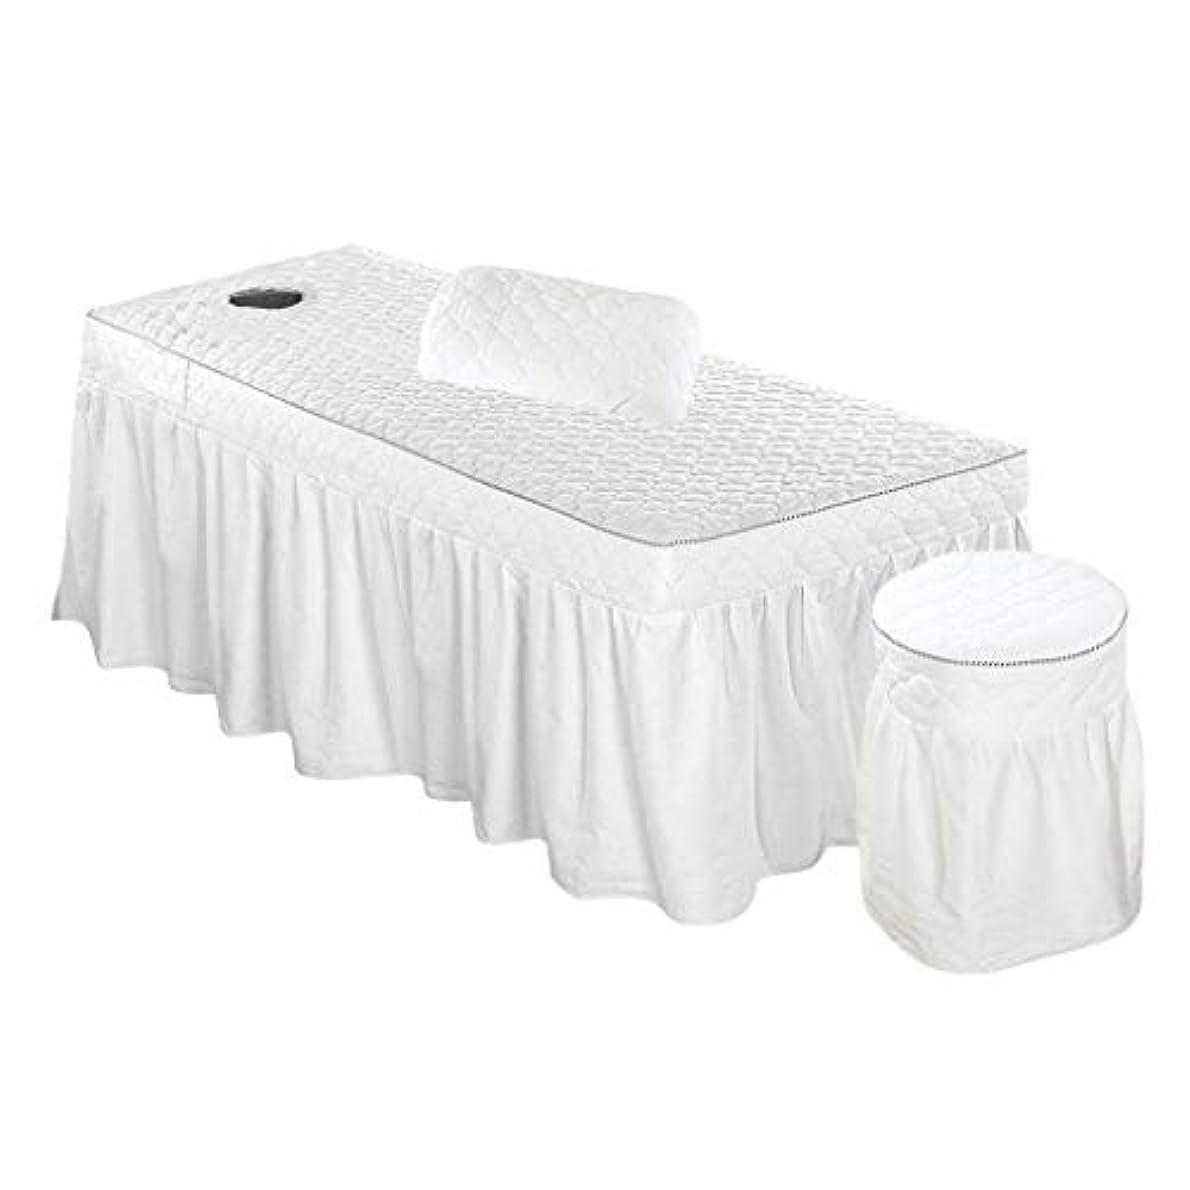 業界橋脚介入するスパ マッサージベッドカバー+スツールカバー+枕カバー 有孔 綿製 3枚セット - ホワイト